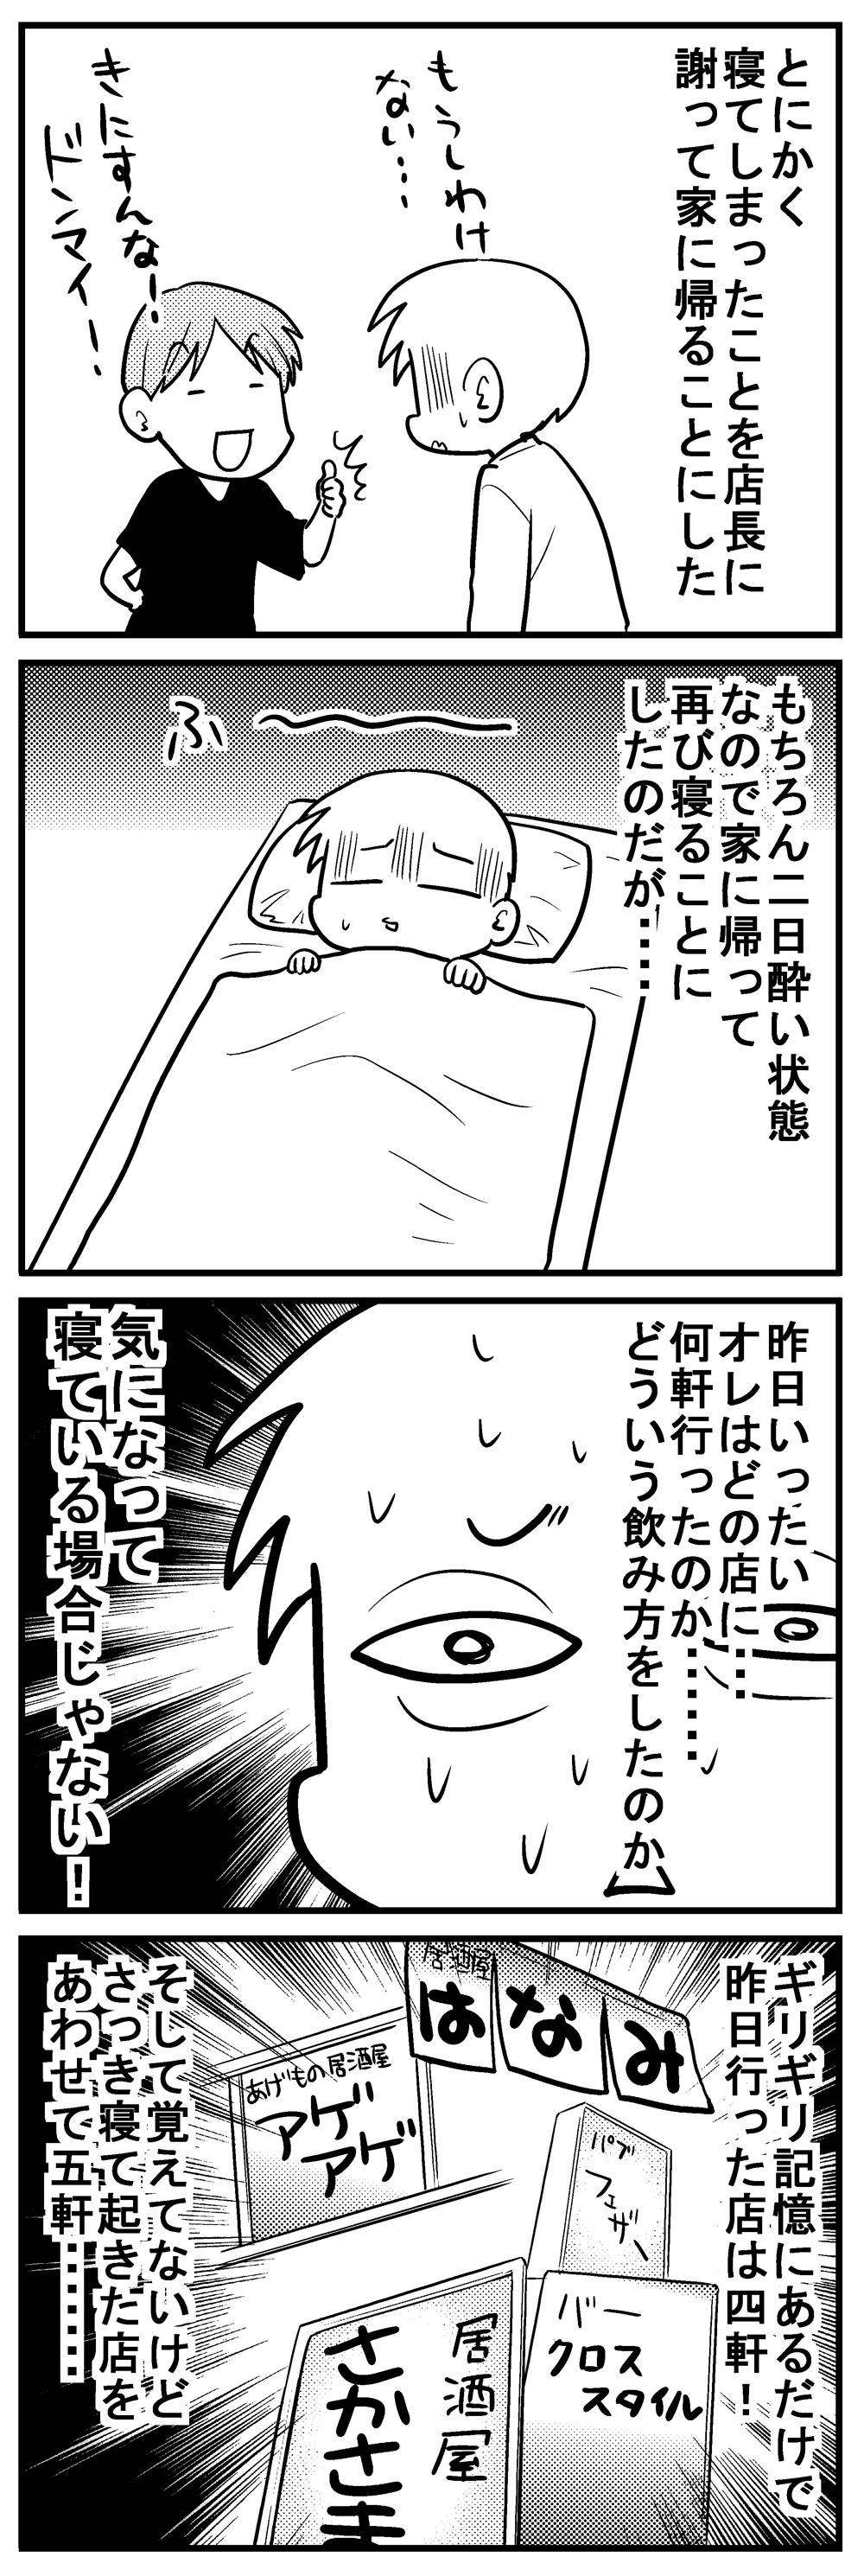 深読みくん100 2